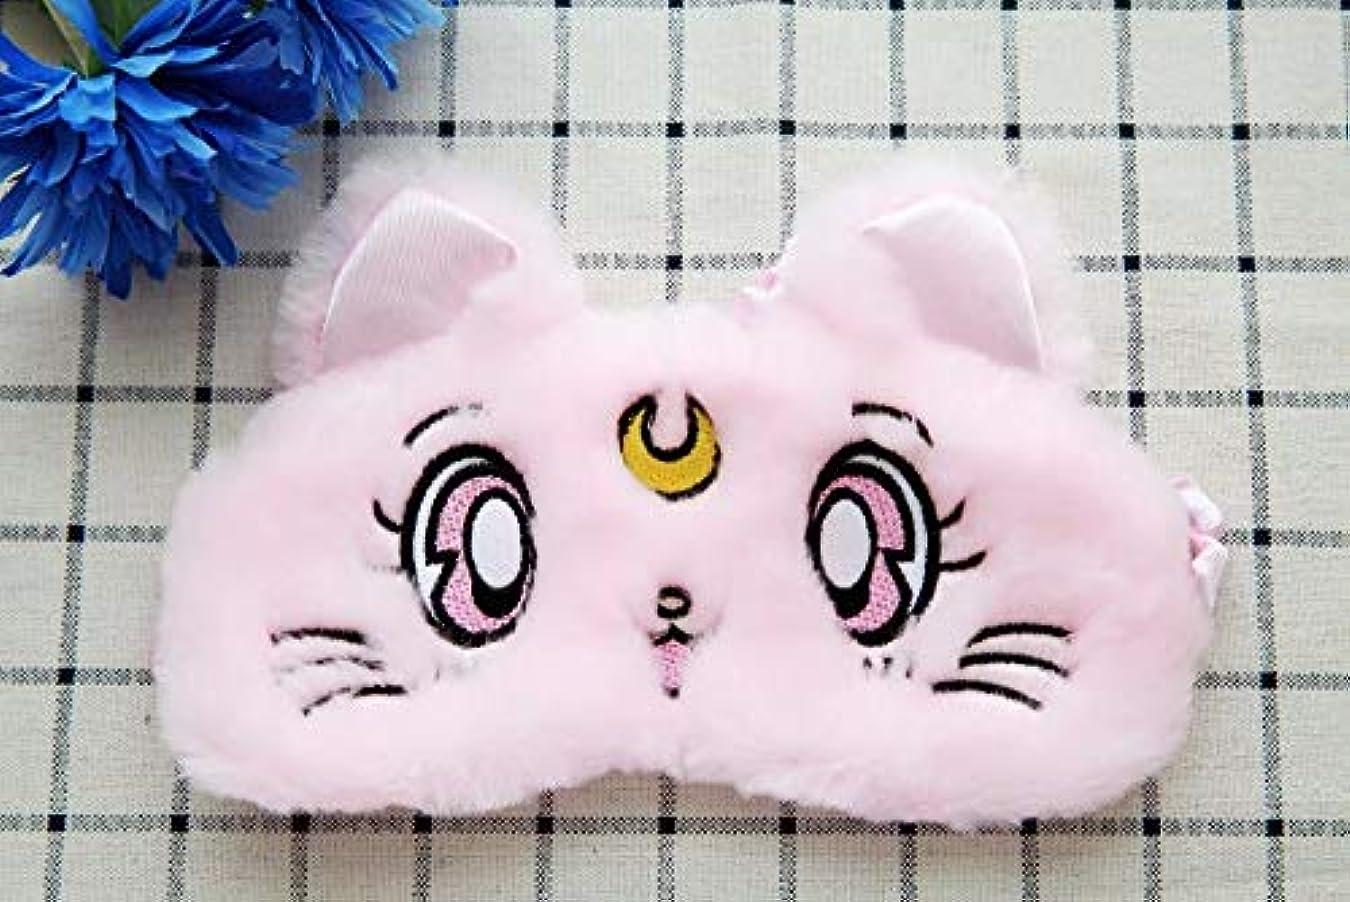 合唱団認証版NOTE 目ケアツール1ピースかわいい猫暖かい柔らかい豪華なアイシェード睡眠マスクブラックマスク包帯用目に睡眠